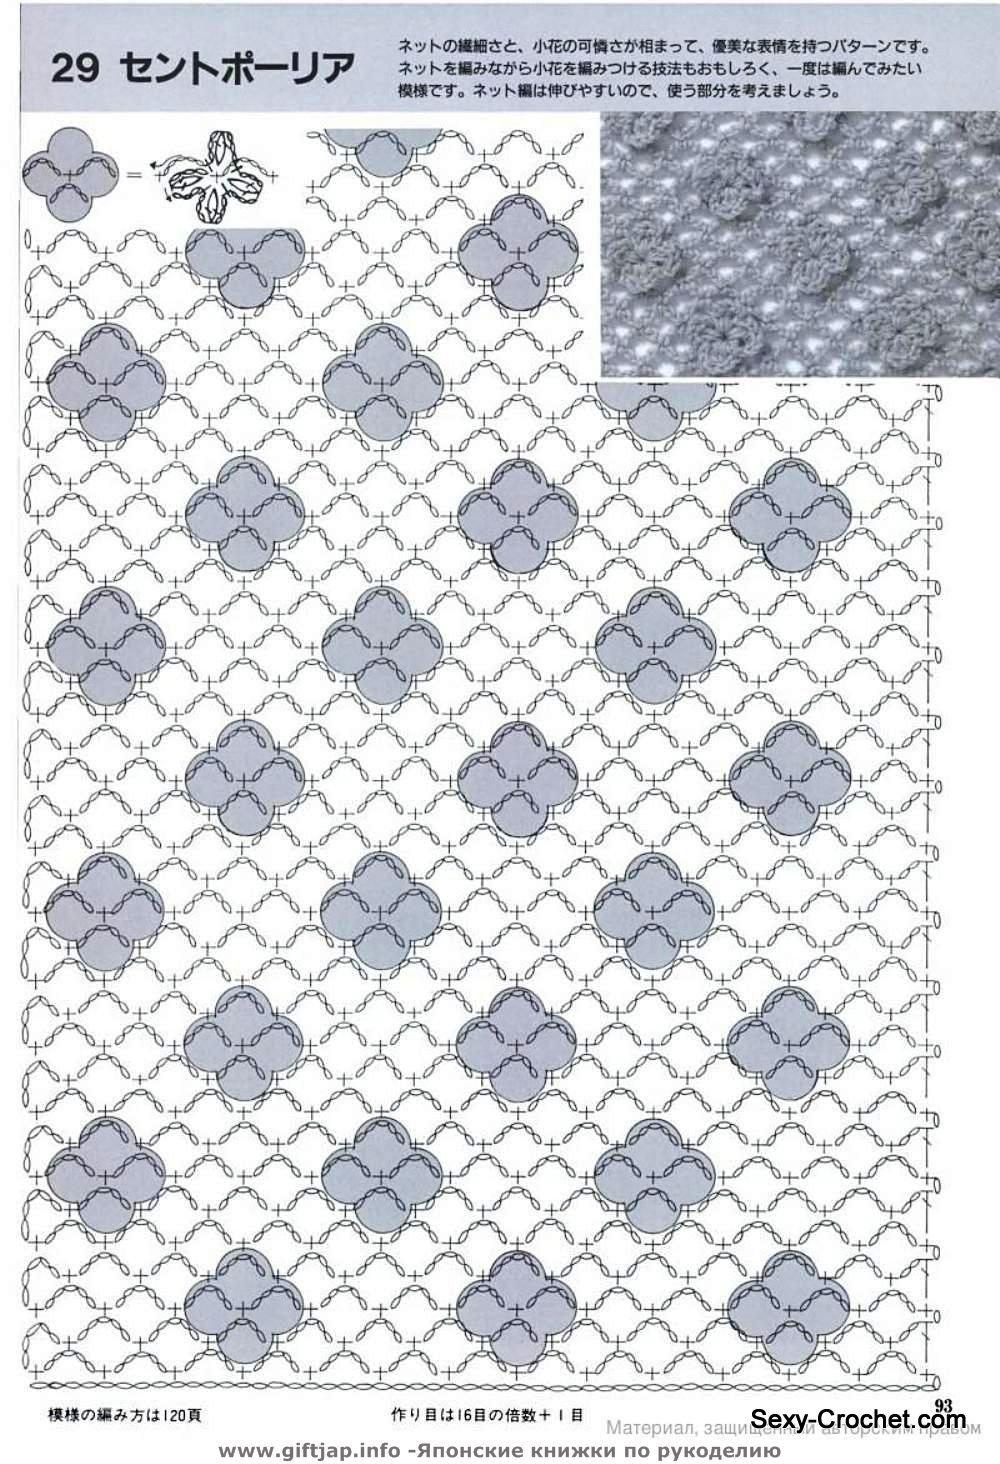 sexy-crochet.com_esquemas_vestidos_faldas_209